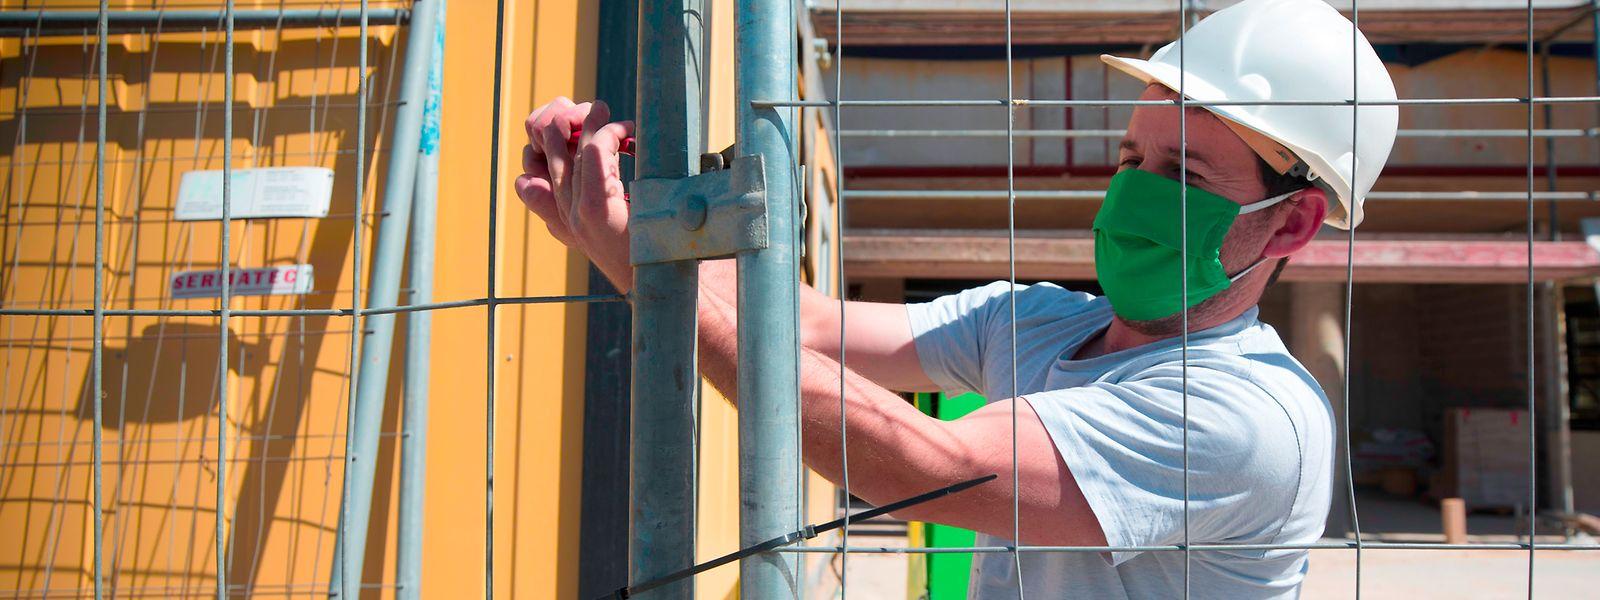 Am Freitag müssen die Baustellen ruhen, sofern die Unternehmen keine Ausnahmegenehmigung erhalten haben.